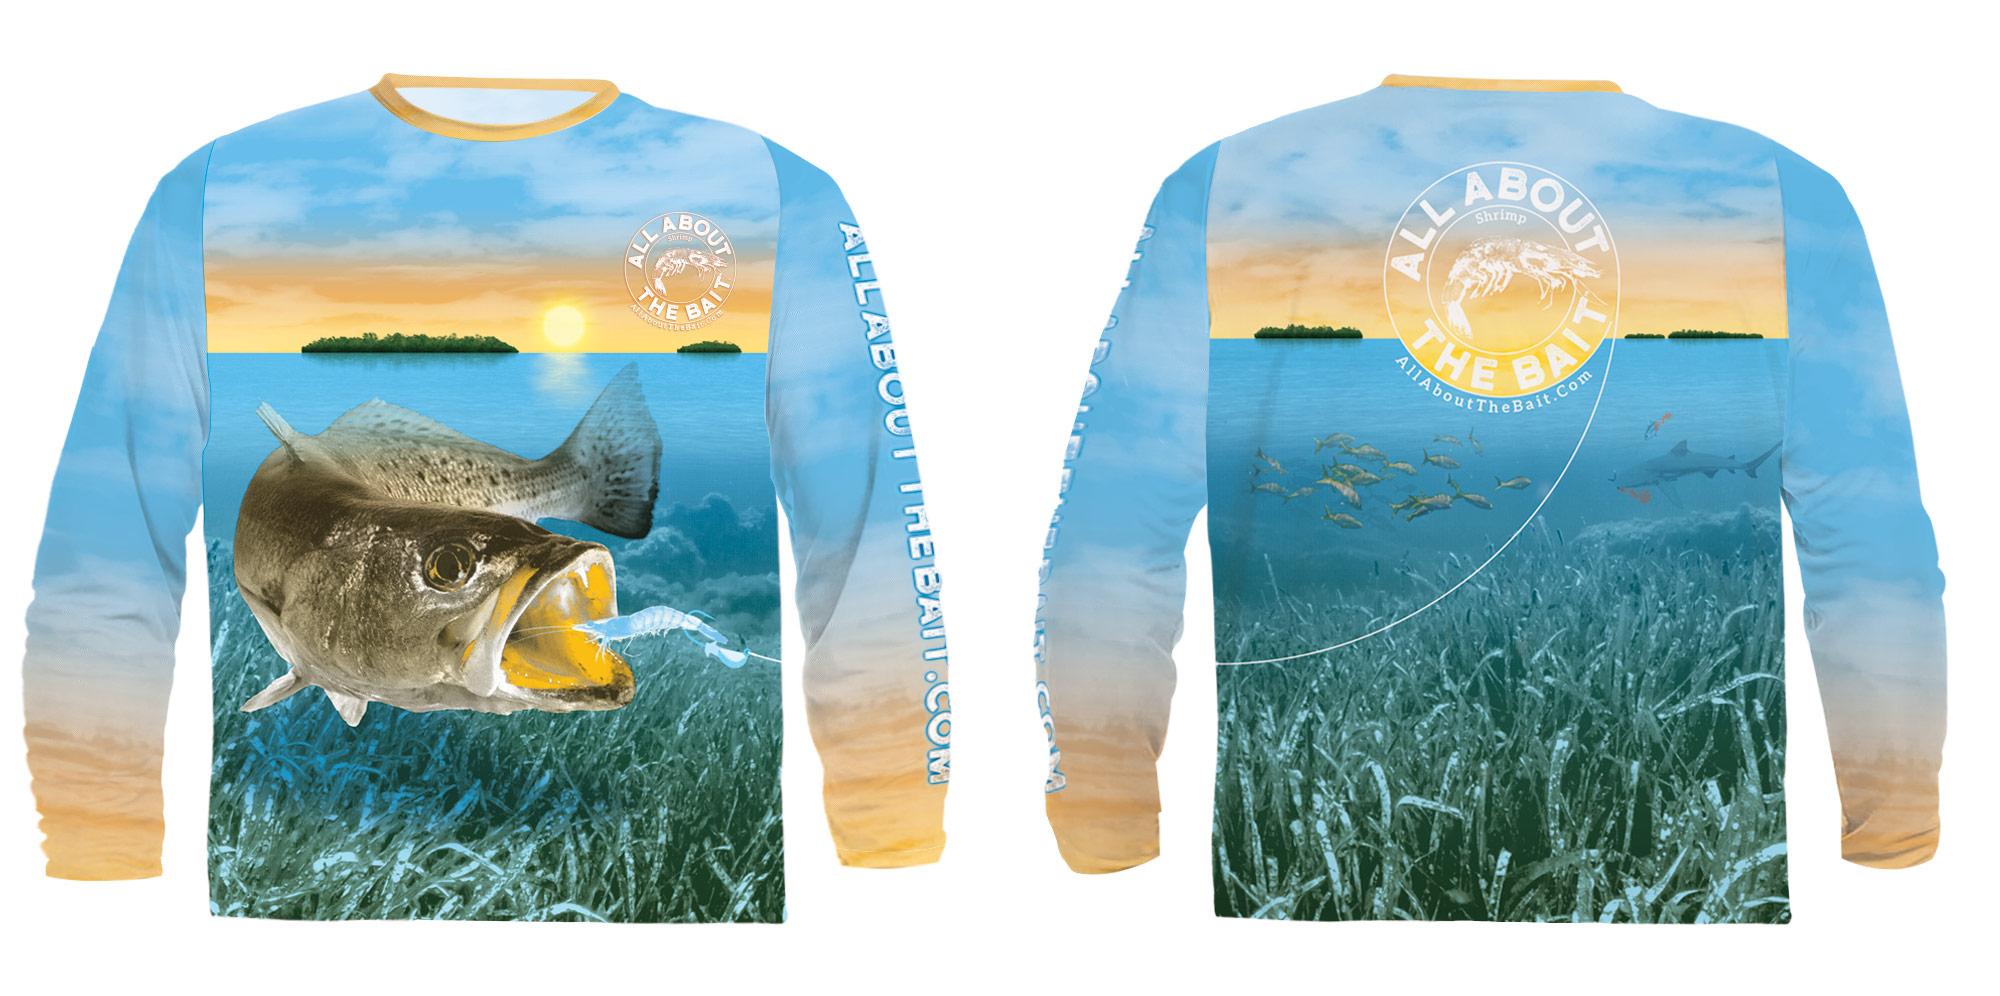 Speckled Trout UV Protection Fishing Shirt Florida Keys - jeffthedesigner.com